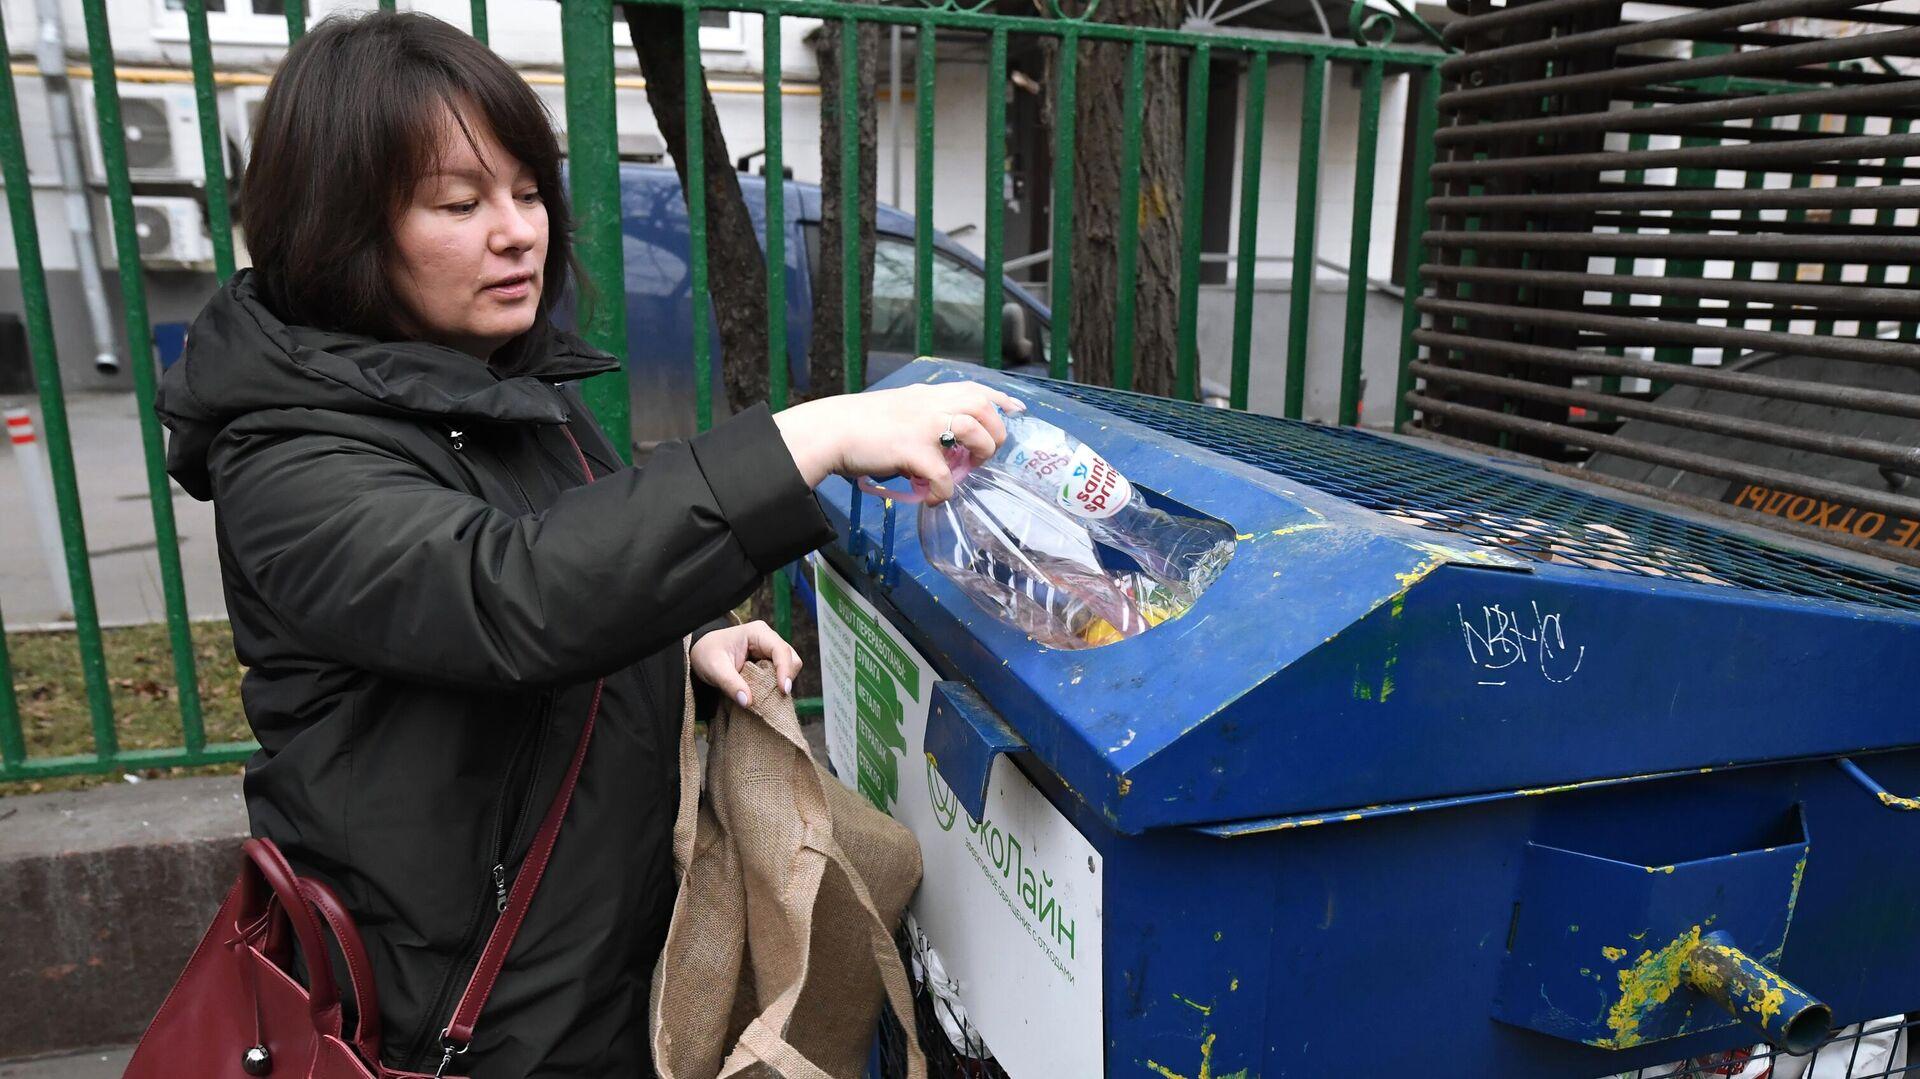 Раздельный сбор мусора в Москве - РИА Новости, 1920, 31.03.2021